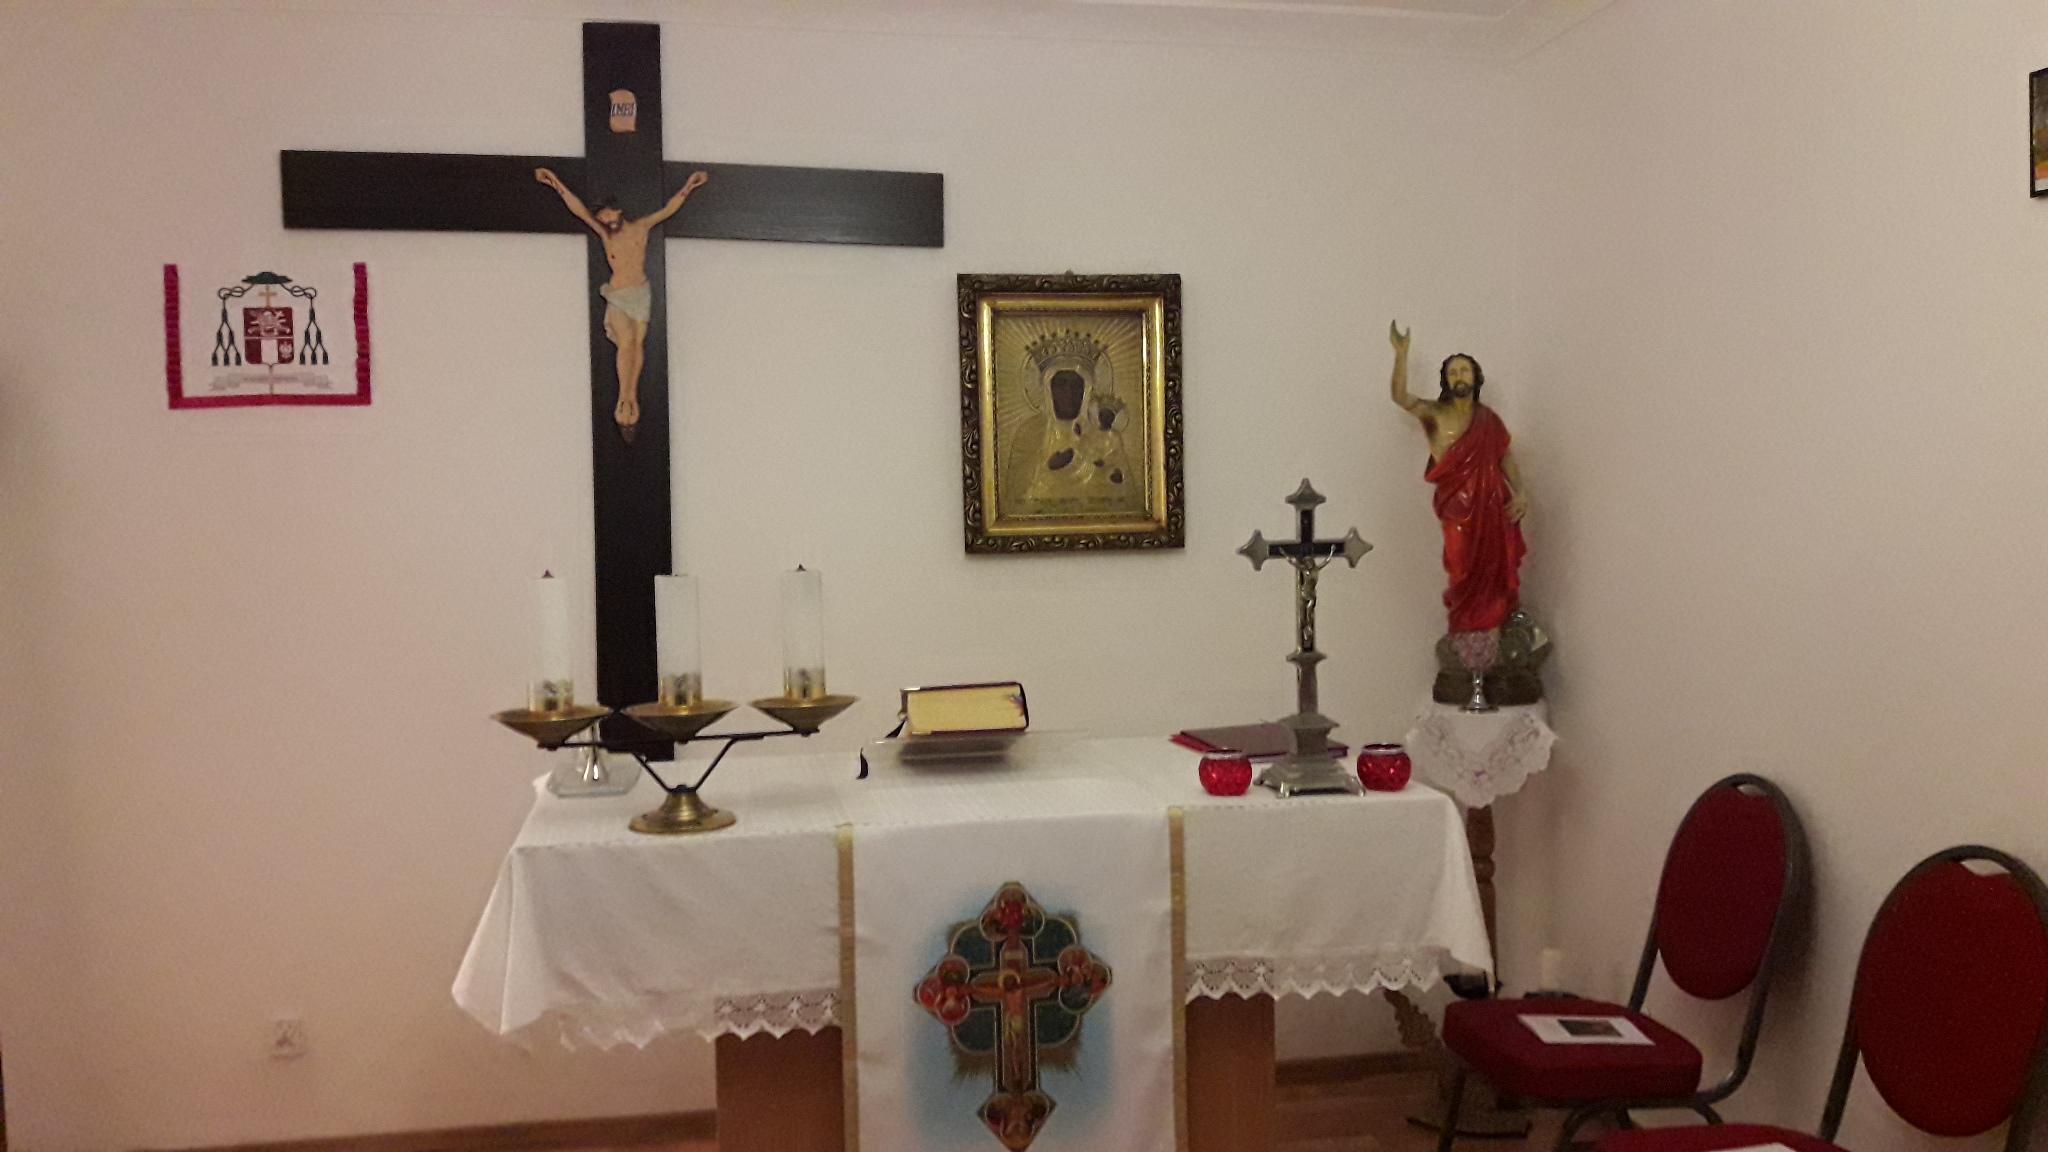 [:pl]Rozpoczęcie uroczystości poświęcenia kaplicy w Warszawie[:]